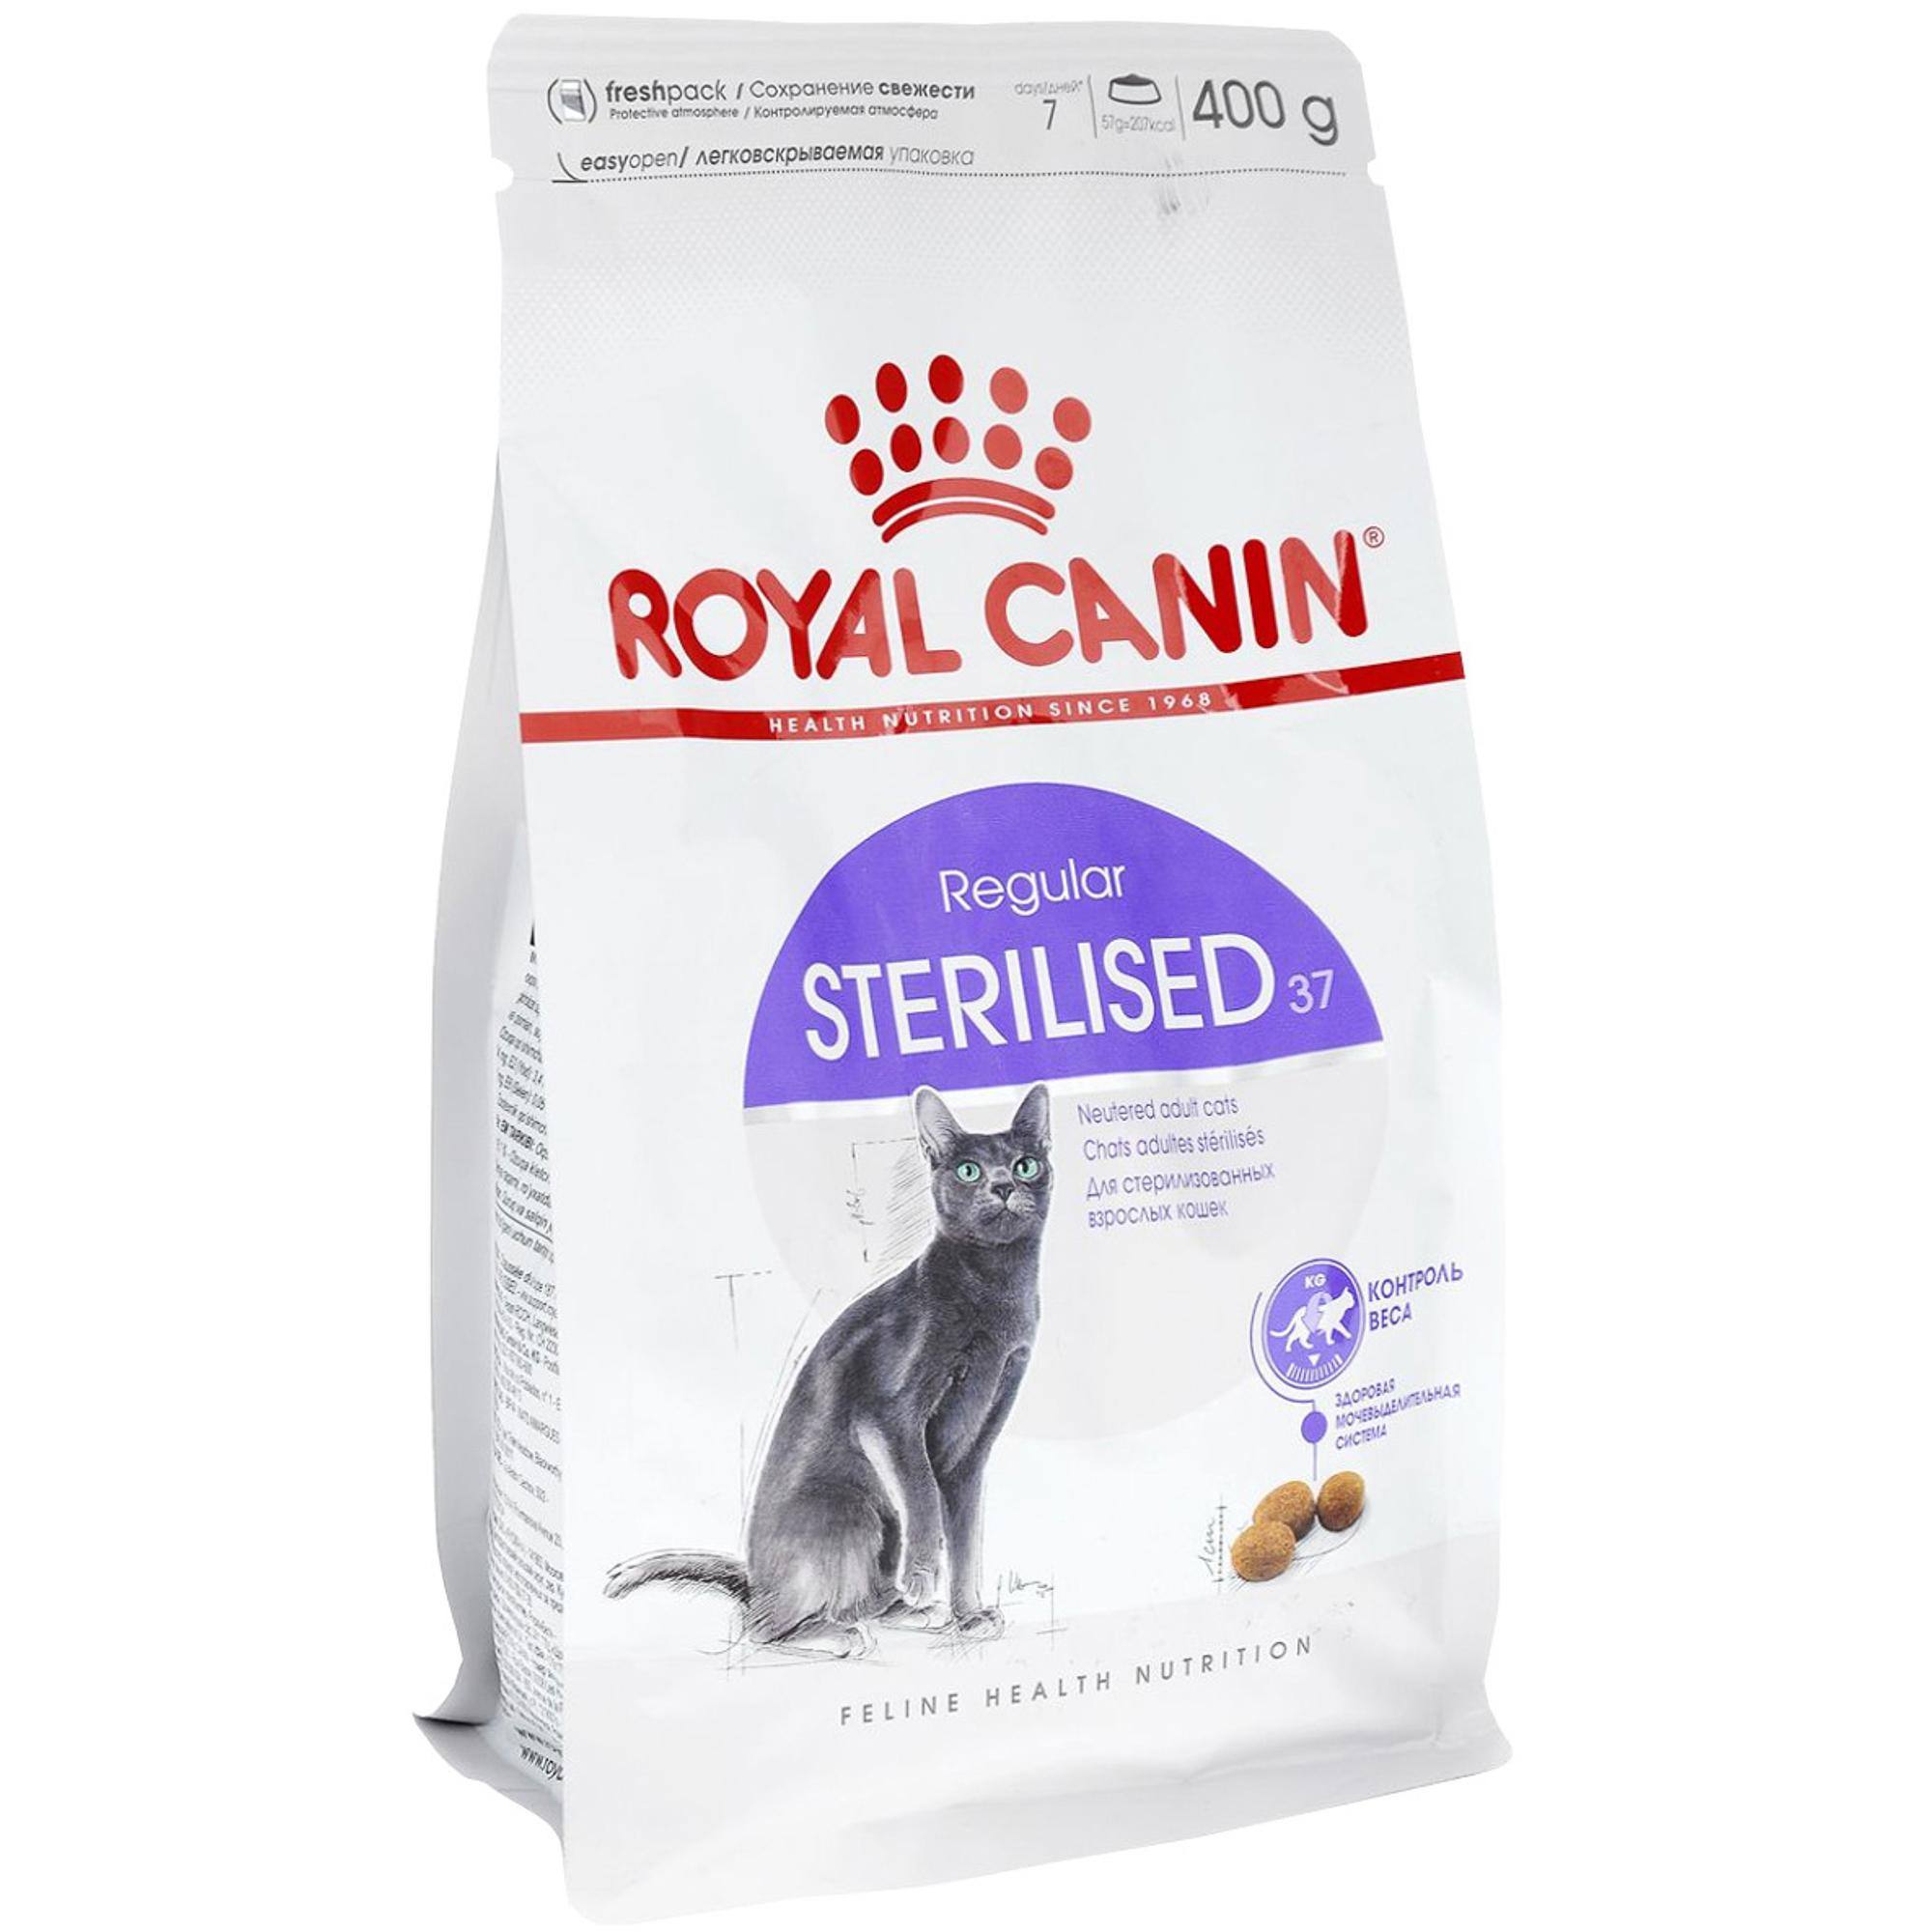 Корм для кошек ROYAL CANIN Sterilised 37 для кастрированных и стерилизованных, птица 400г фото